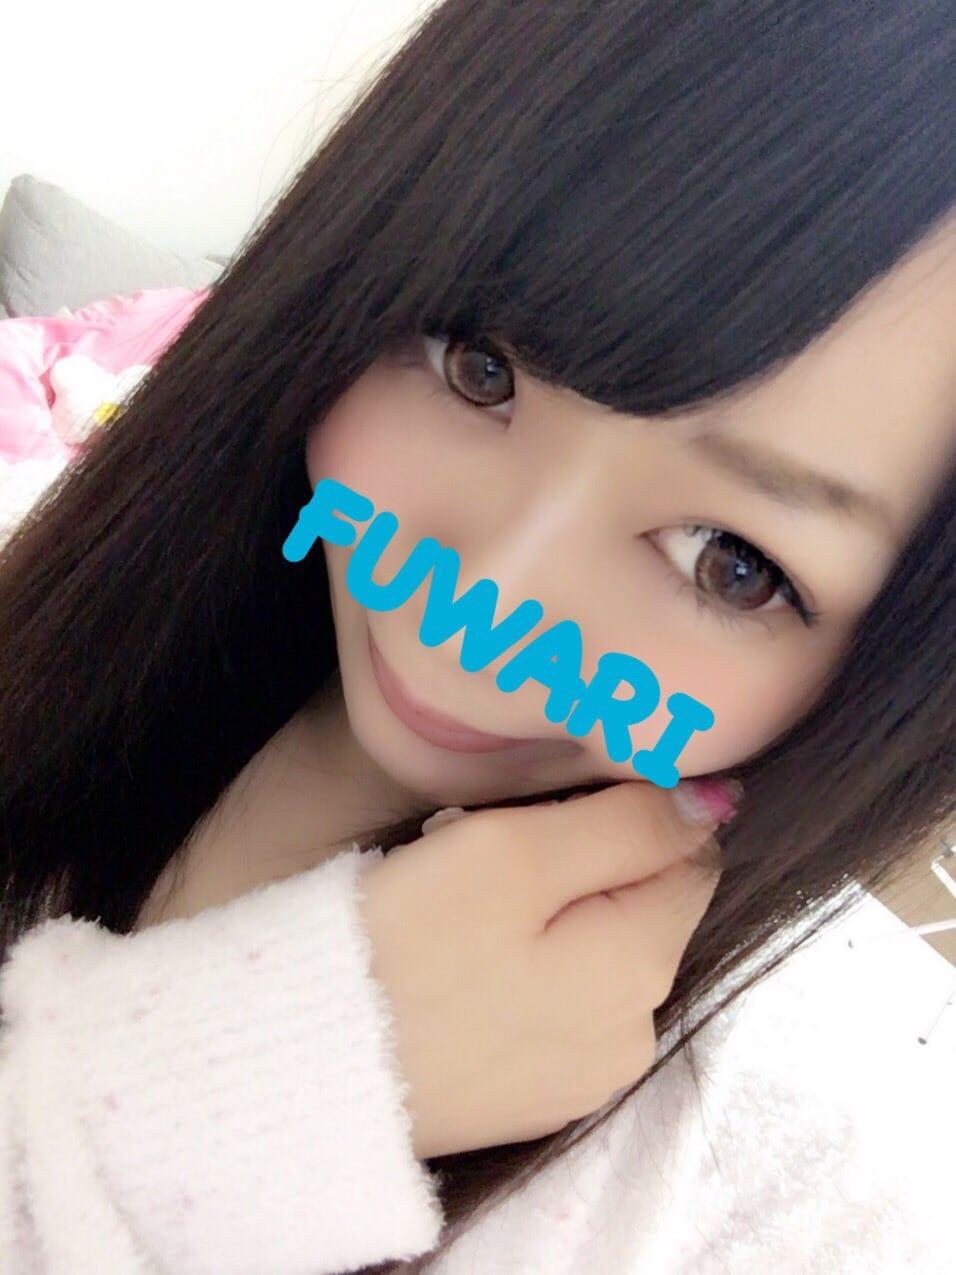 「ぽかぽか♡ありがとう」01/23(火) 00:36 | ふわりの写メ・風俗動画